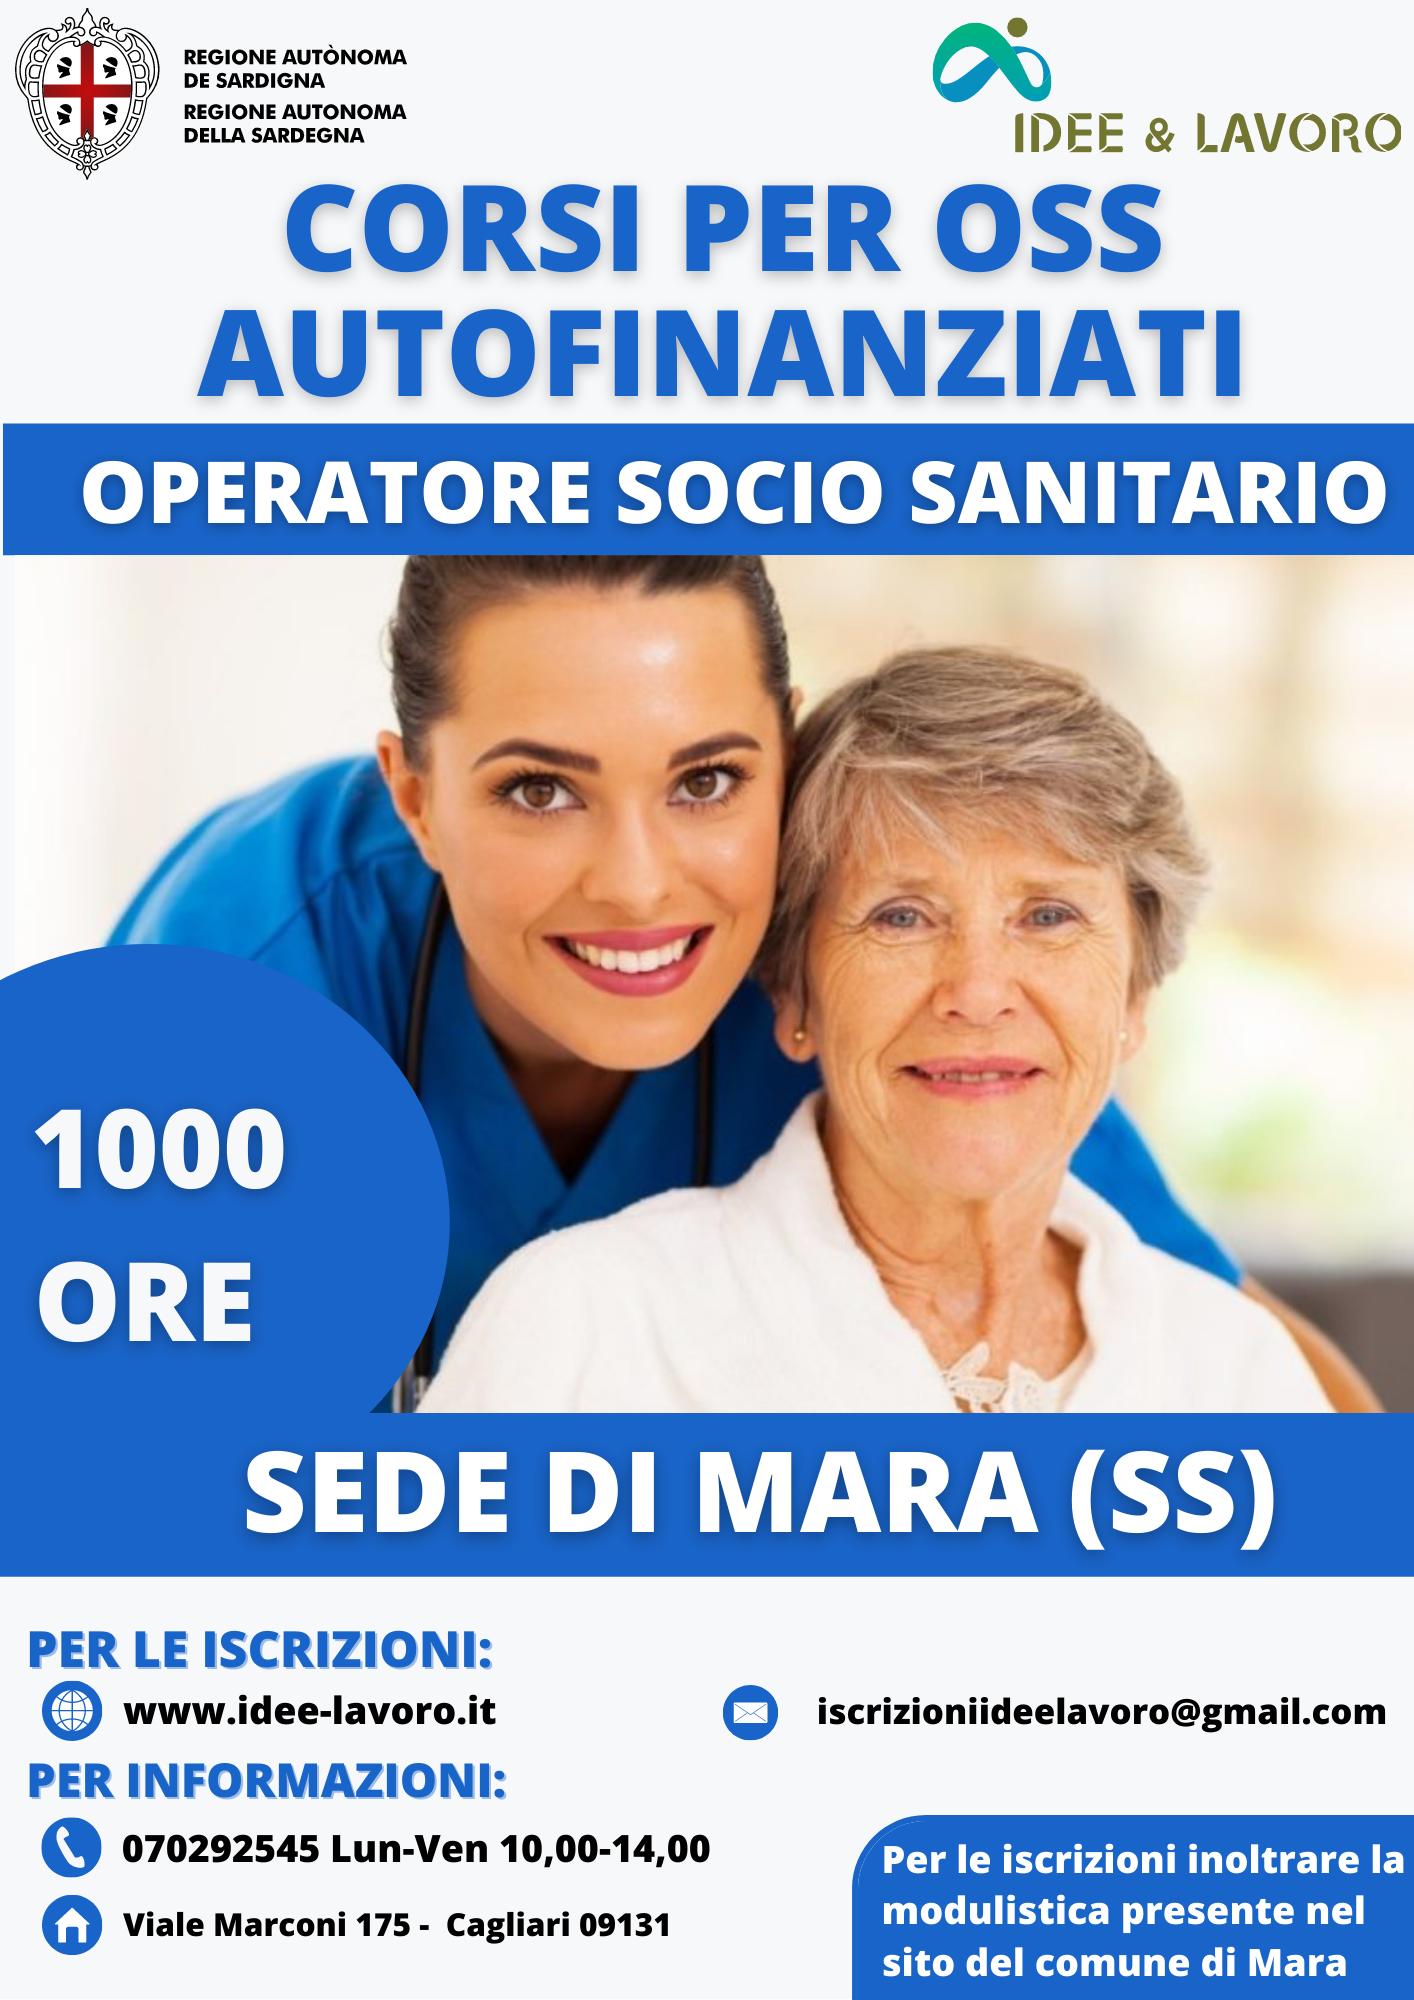 CORSO OPERATORE SOCIO SANITARIO A MARA